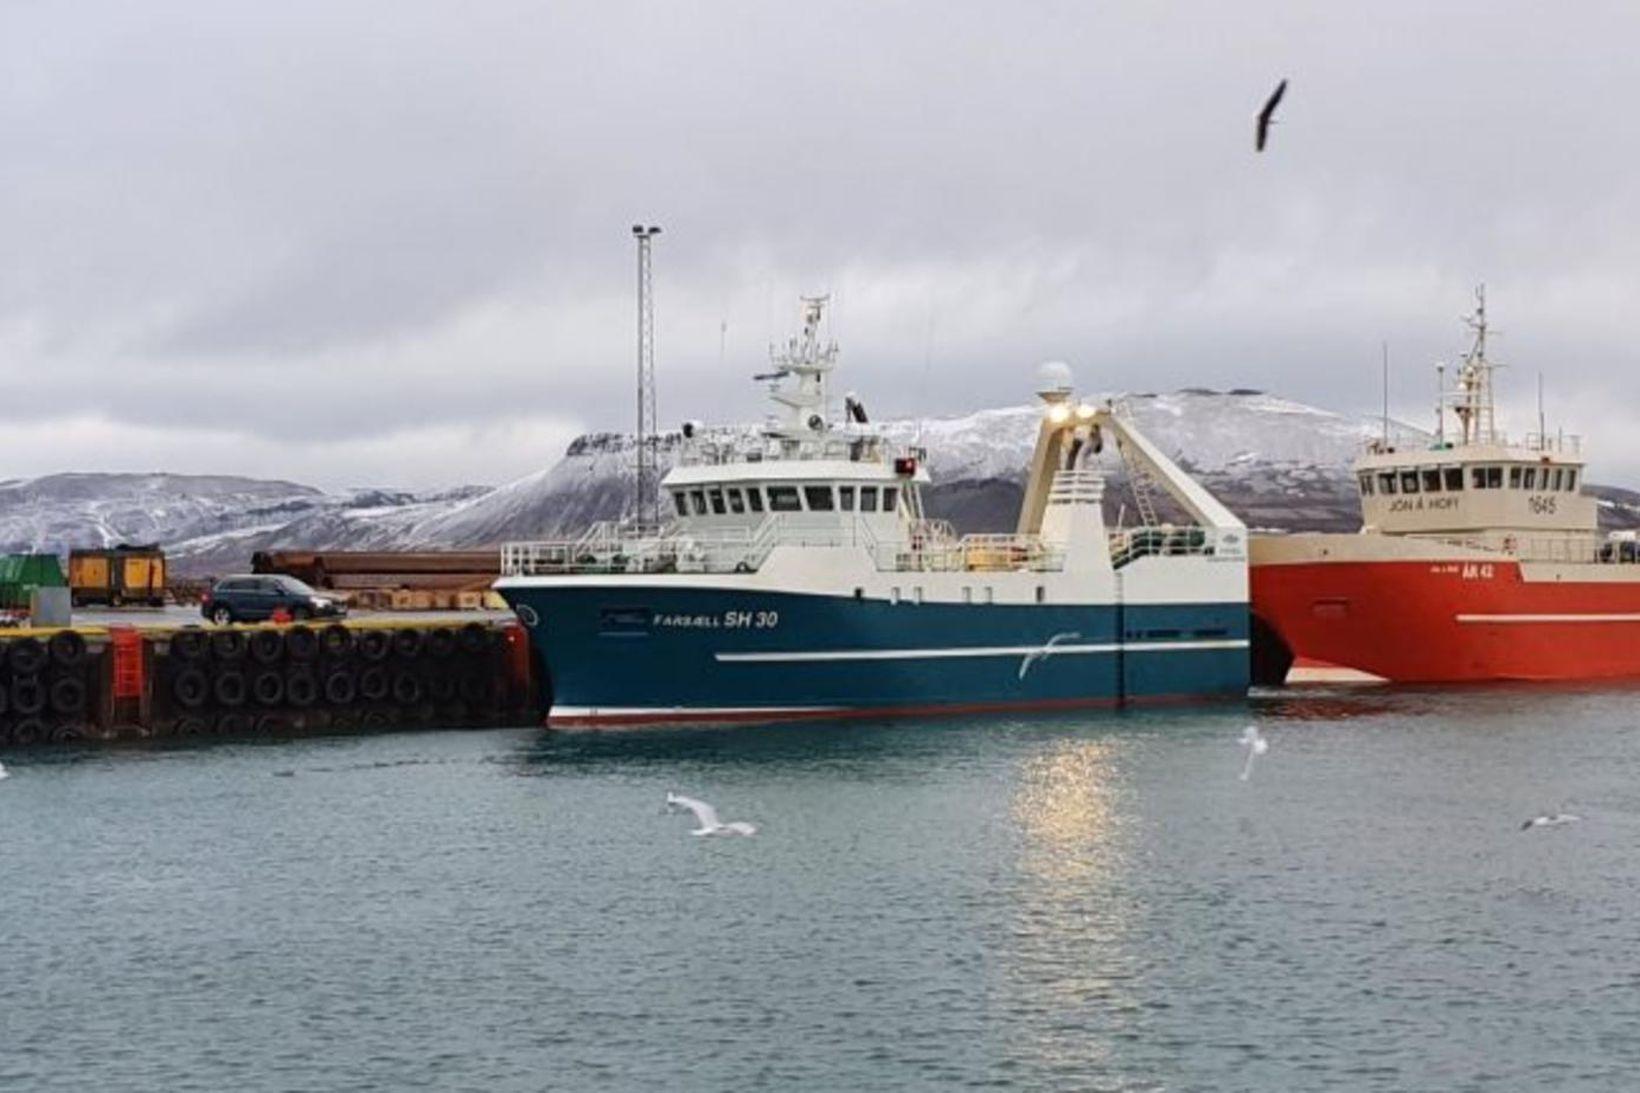 Farsæll landaði 54 tonnum í Grundarfirði eftir sex daga túr.